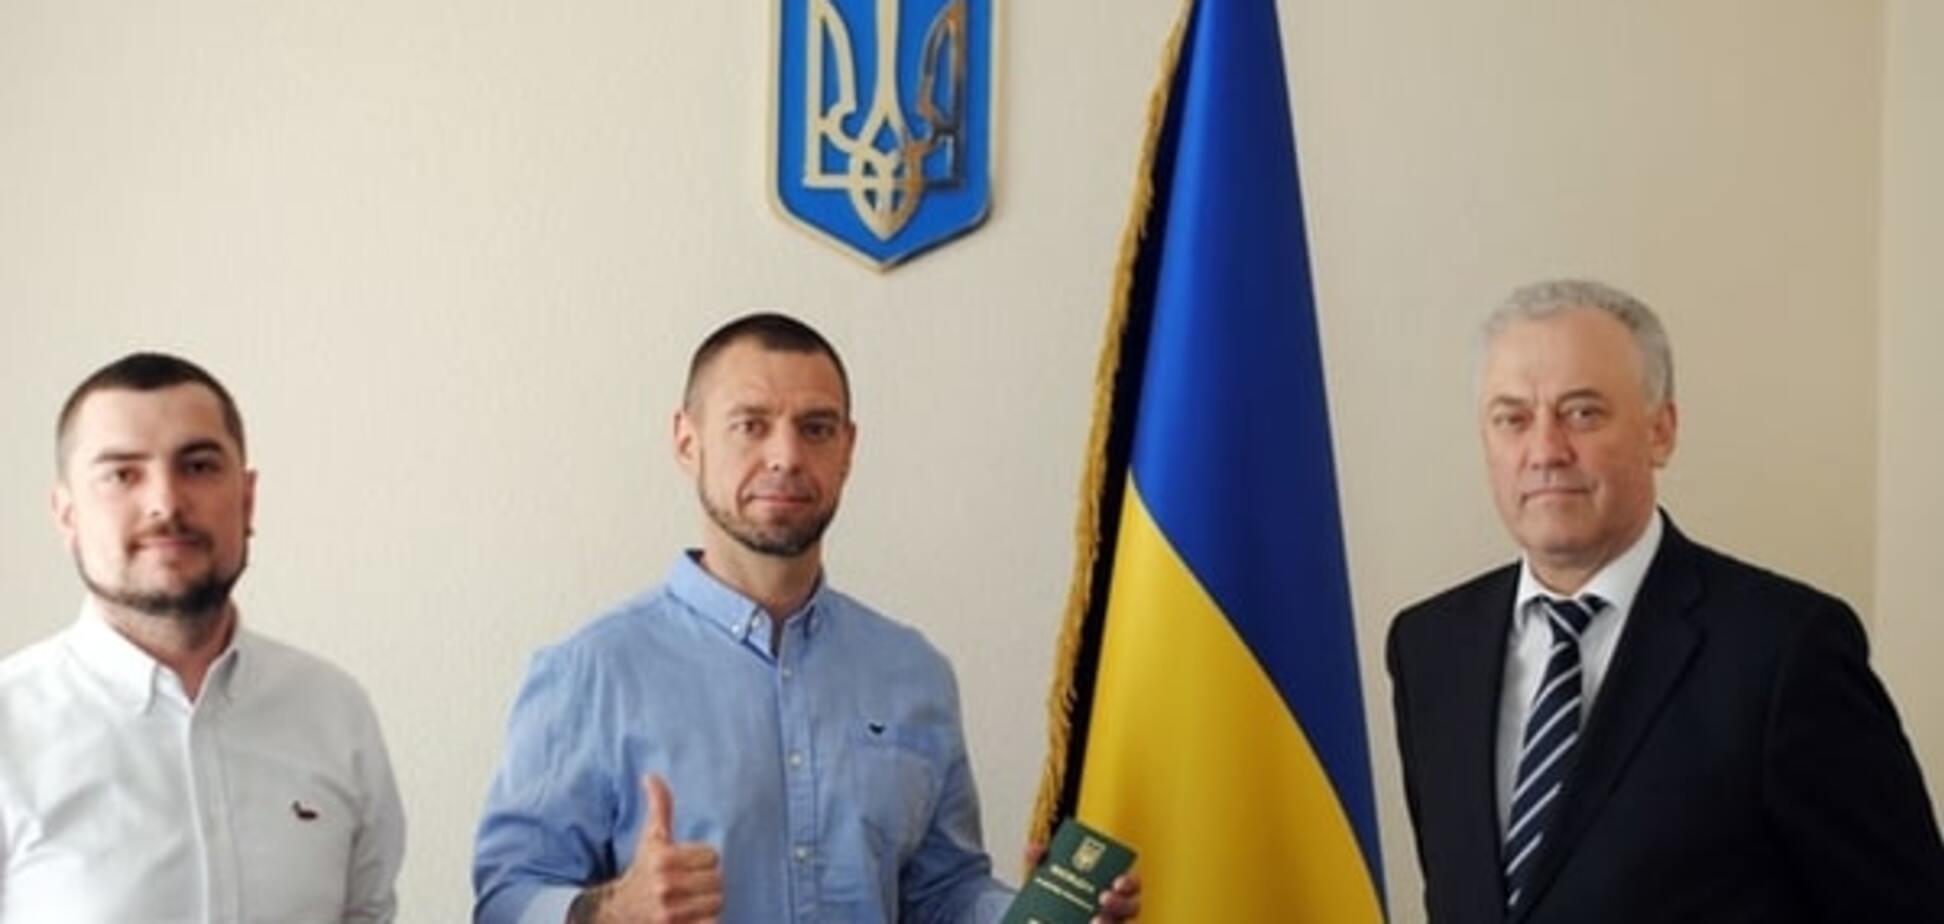 Спасибі Макаревичу, Собчак та іншим: 24 друга України, перевірених війною